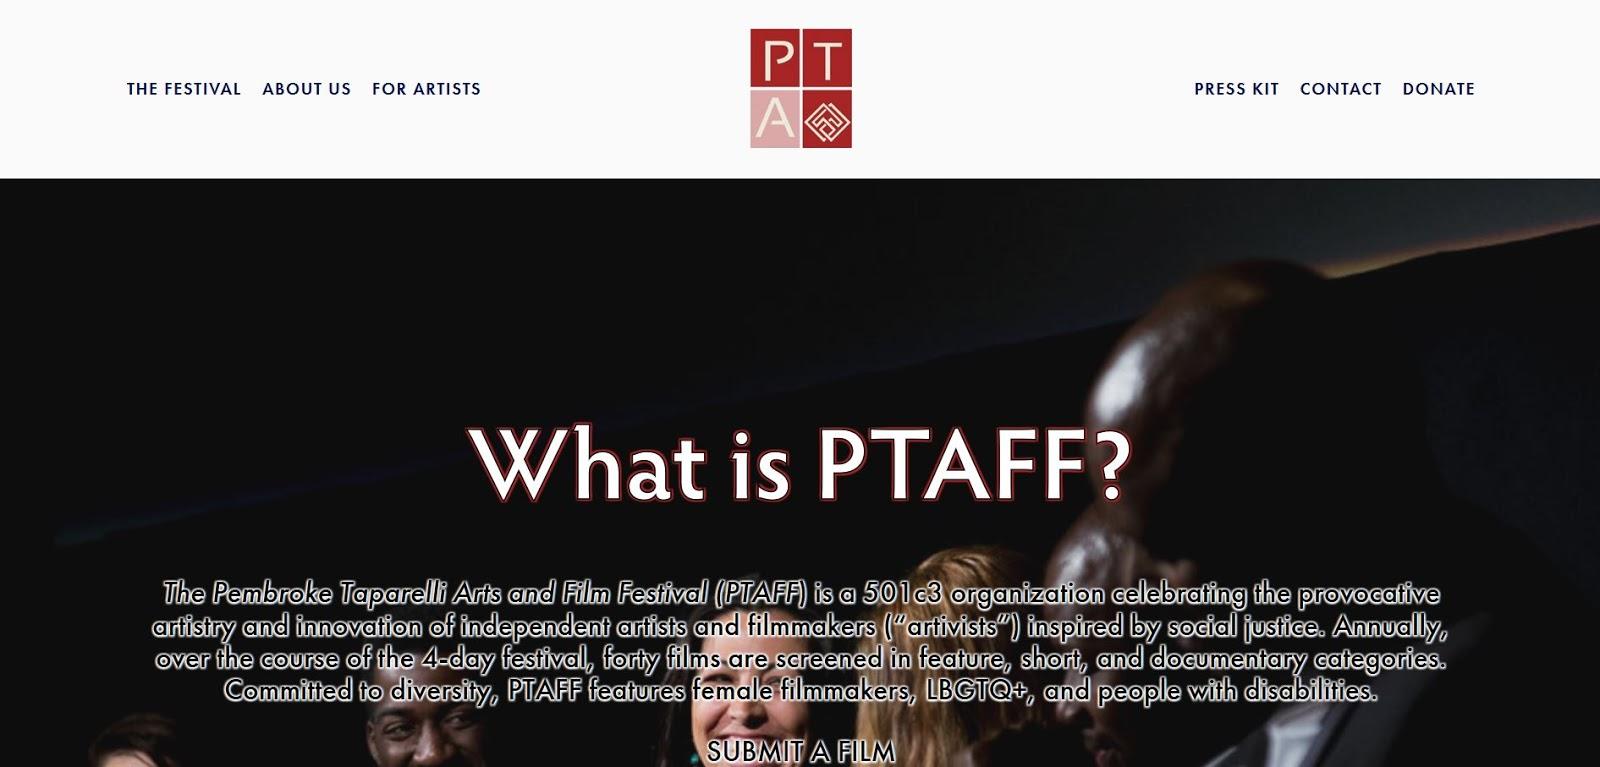 The-Pembroke-Taparelli-Arts-and-Film-Festival